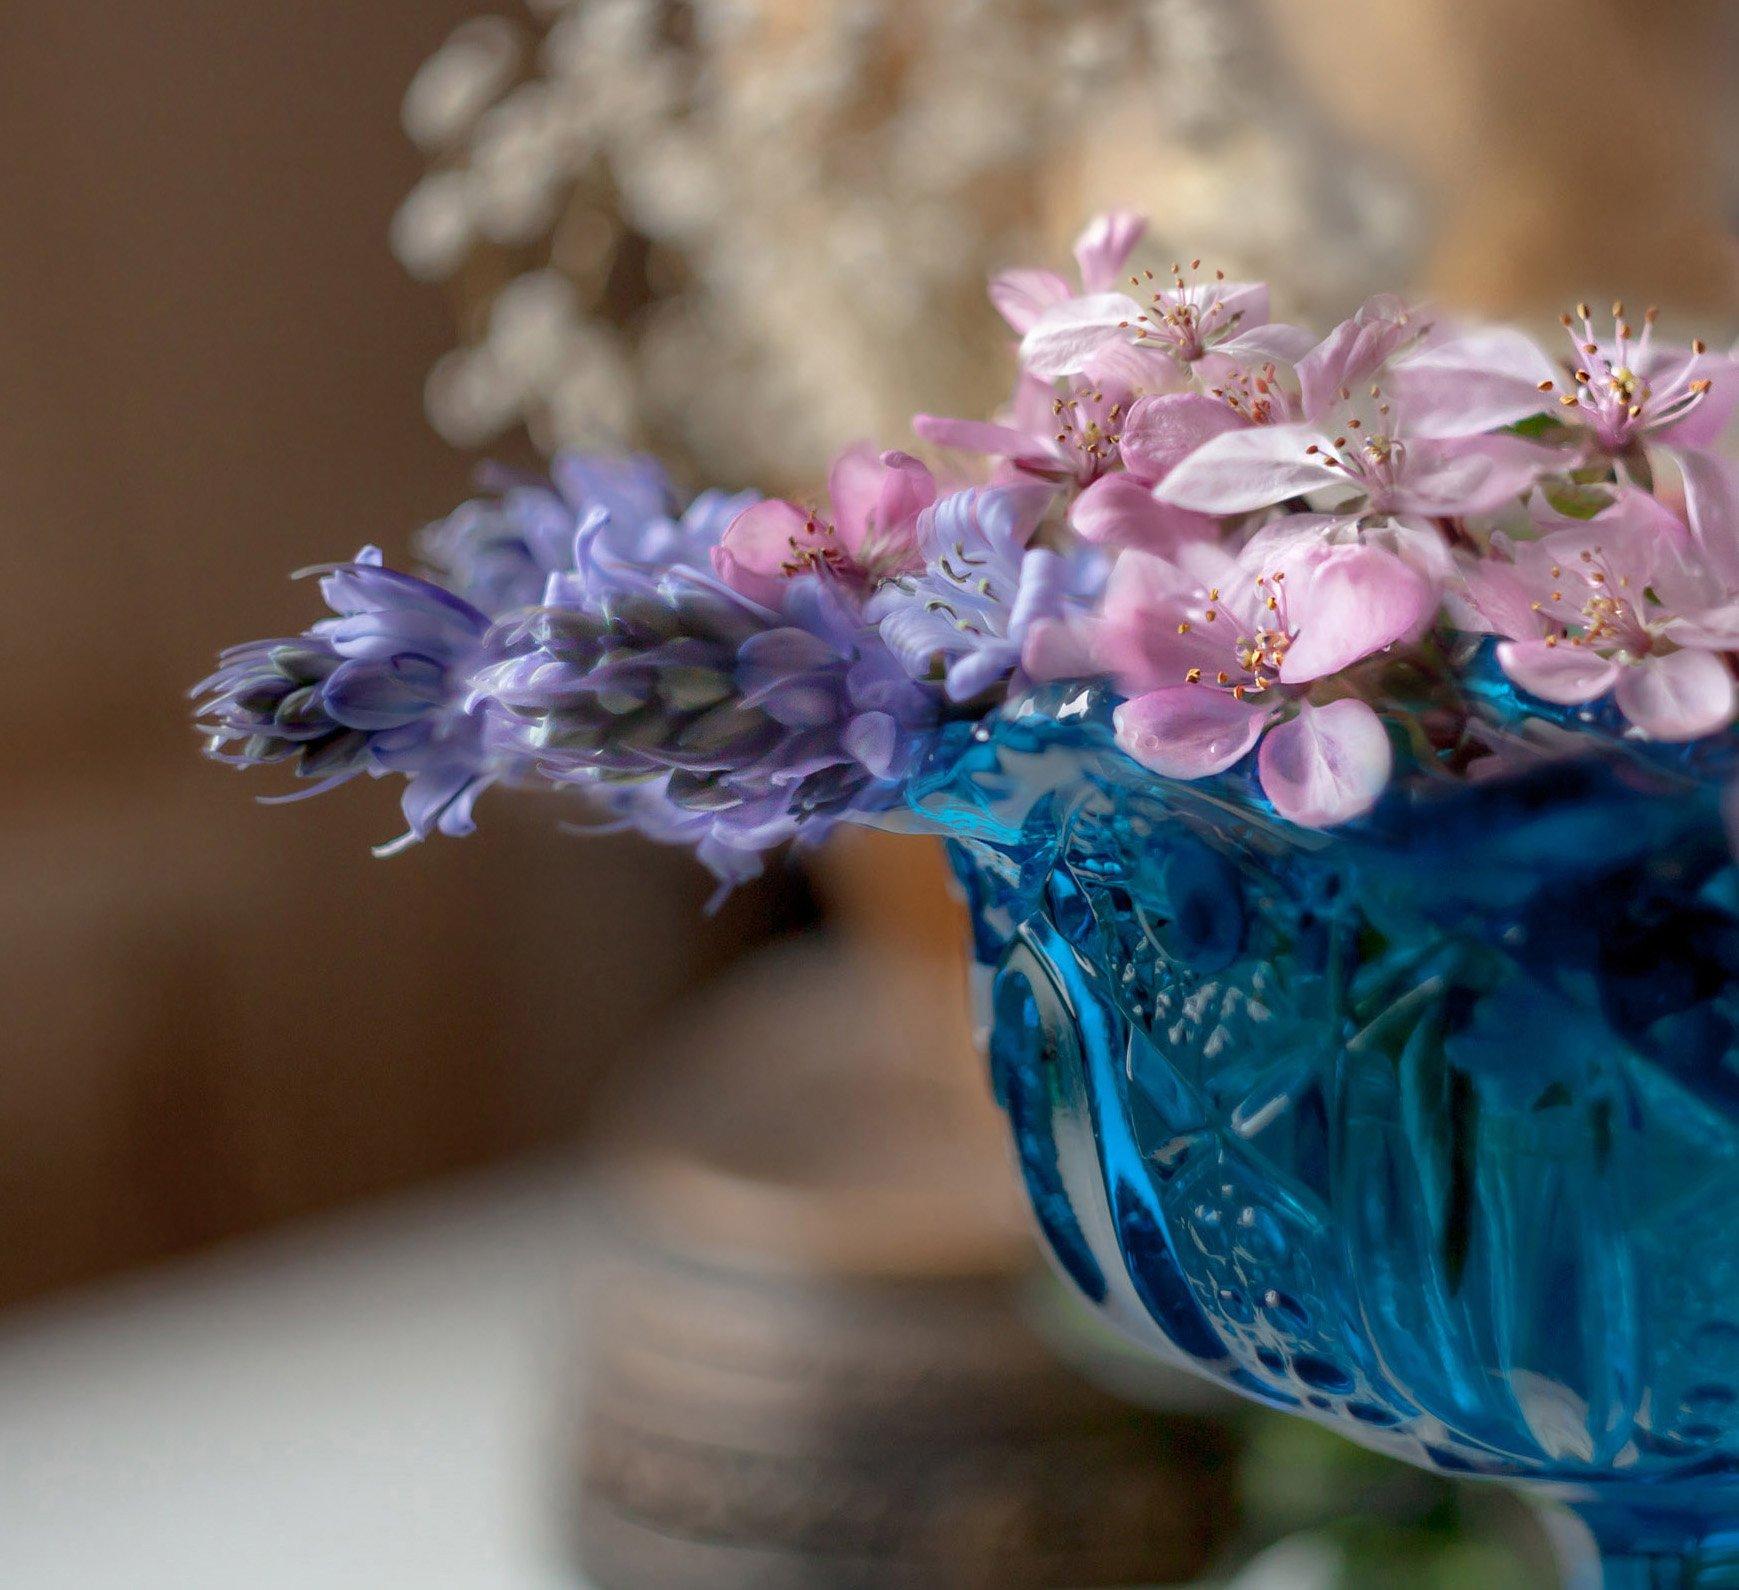 макро,цветы,весна,природа,флора,, Антонина Яновска